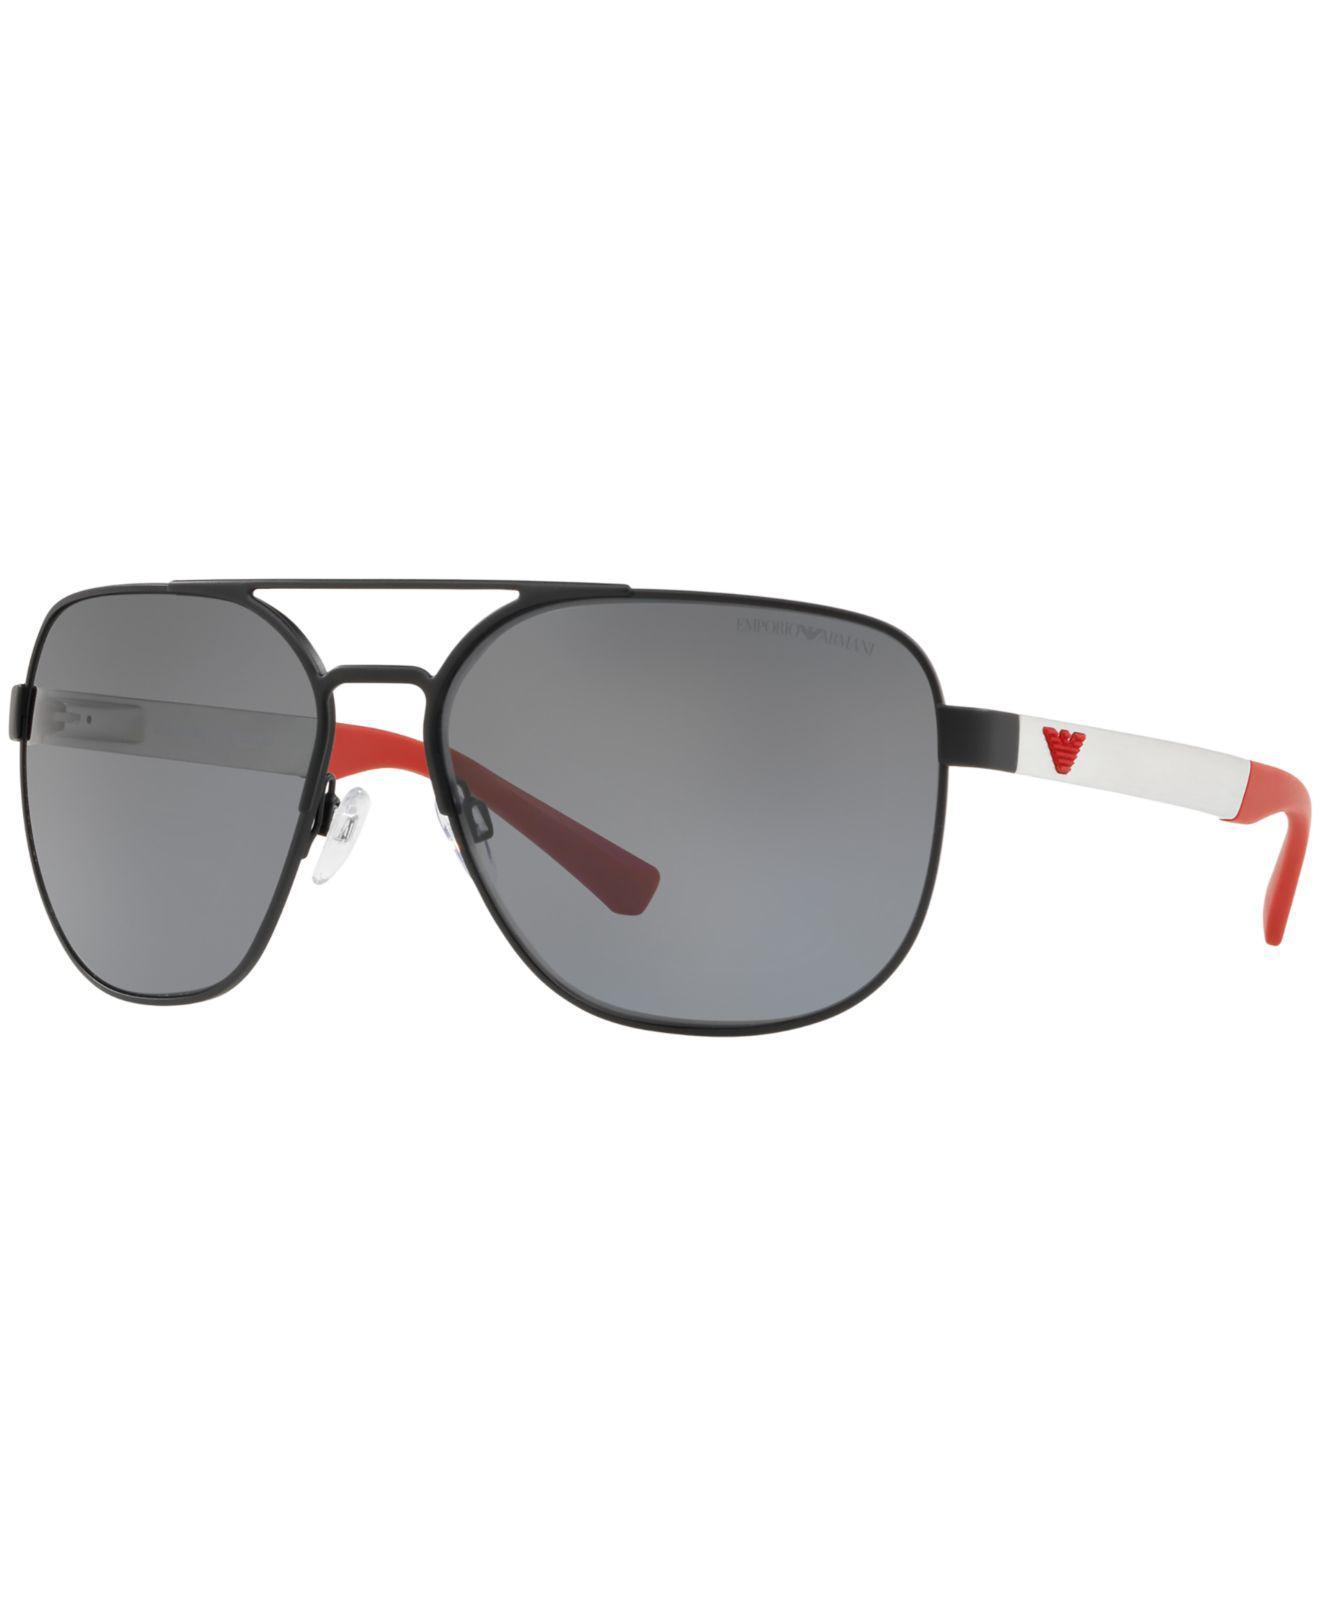 eb1d930d8aa Emporio Armani. Men s Polarized Sunglasses ...